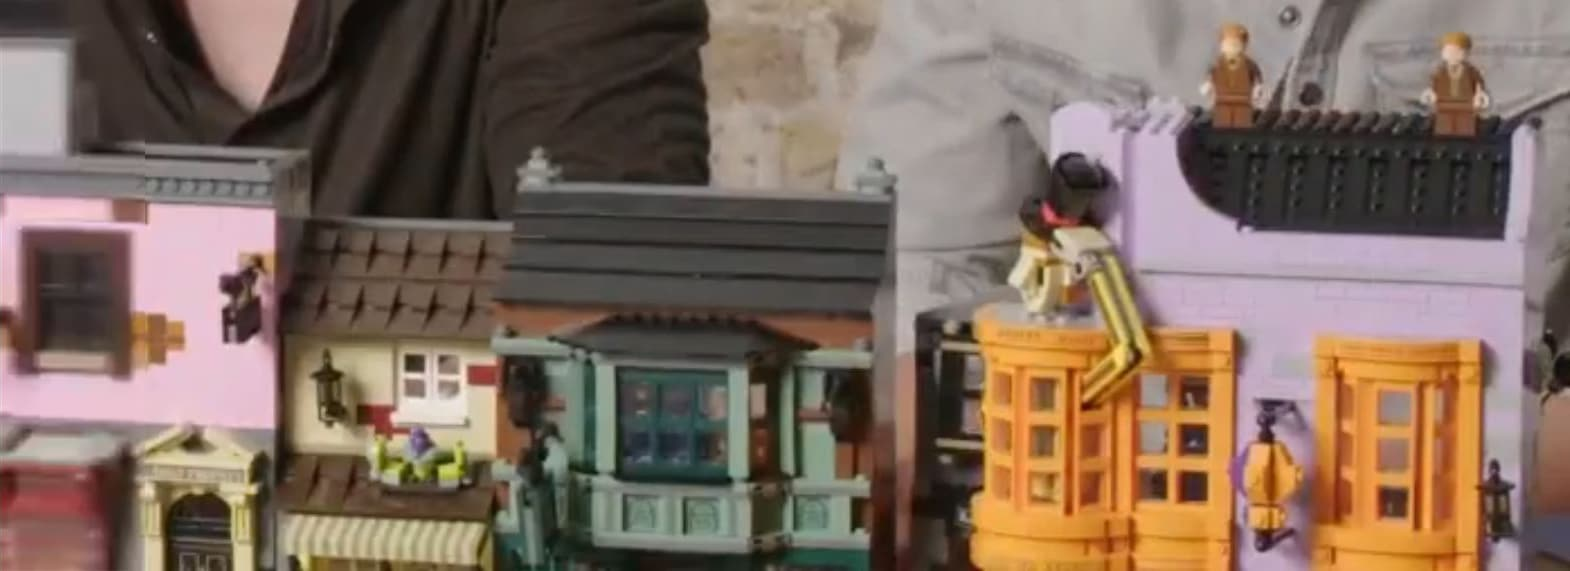 LEGO Winkelgasse Teaser